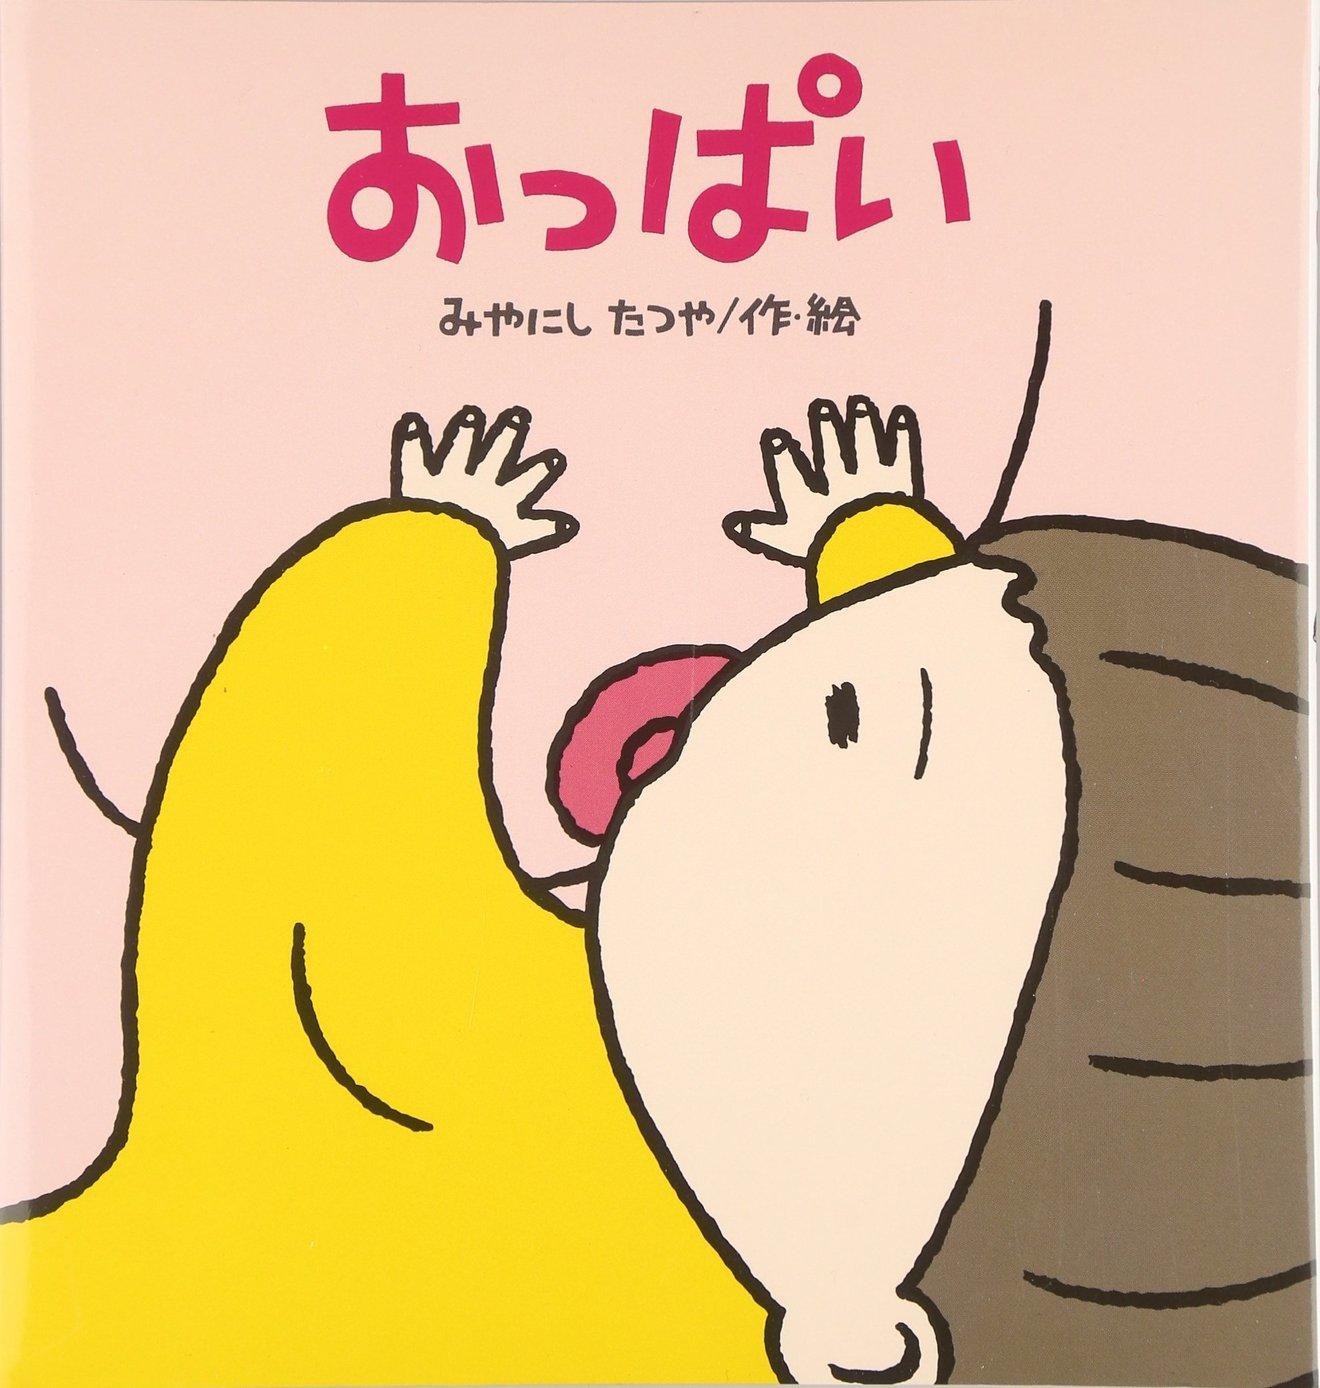 卒乳時期のママにおすすめの絵本5選!2歳前後の子どもに読んであげたい